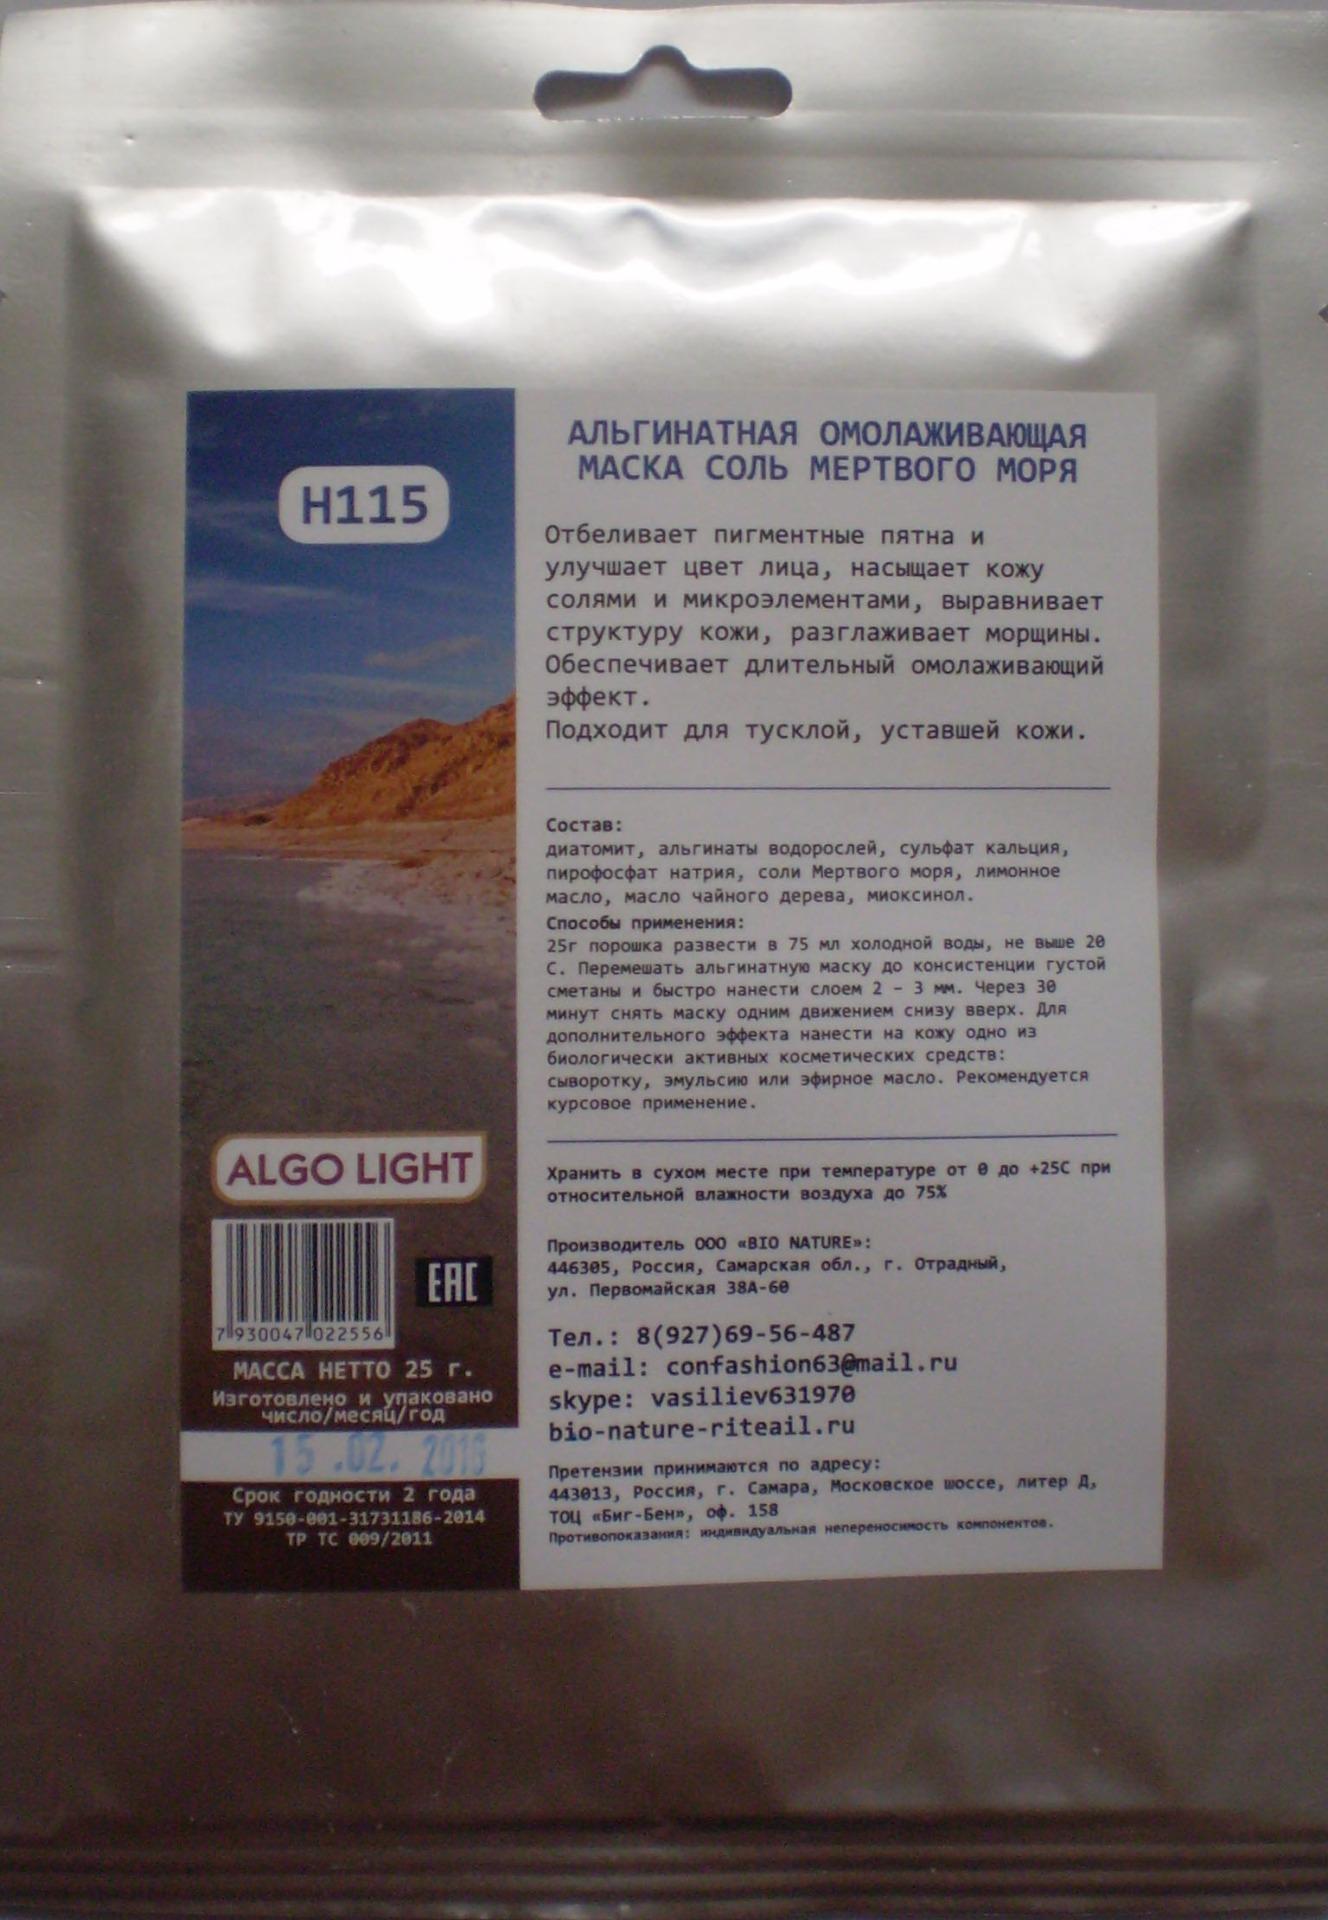 ALGO LIGHT Маска омолаживающая соль мертвого моря / ALGO LIGHT 25 грМаски<br>Воздействие: отбеливает пигментные пятна и улучшает цвет лица, насыщает кожу солями и микроэлементами, выравнивает структуру кожи, разглаживает морщины. Обеспечивает длительный омолаживающий эффект. Область применения: для тусклой, уставшей кожи. Активные ингредиенты: диатомит, альгинаты водорослей, сульфат кальция, пирофосфат натрия, соли Мертвого моря, лимонное масло, масло чайного дерева, миоксинол. Способ применения: 25г порошка развести в 75 мл холодной воды, не выше 20 С. Перемешать альгинатную маску до консистенции густой сметаны и быстро нанести слоем 2   3 мм. Через 30 минут снять маску одним движением снизу вверх. Для дополнительного эффекта нанести на кожу одно из биологически активных косметических средств: сыворотку, эмульсию или эфирное масло. Рекомендуется курсовое применение.<br><br>Вид средства для лица: Омолаживающий<br>Возраст применения: После 35<br>Типы кожи: Для всех типов